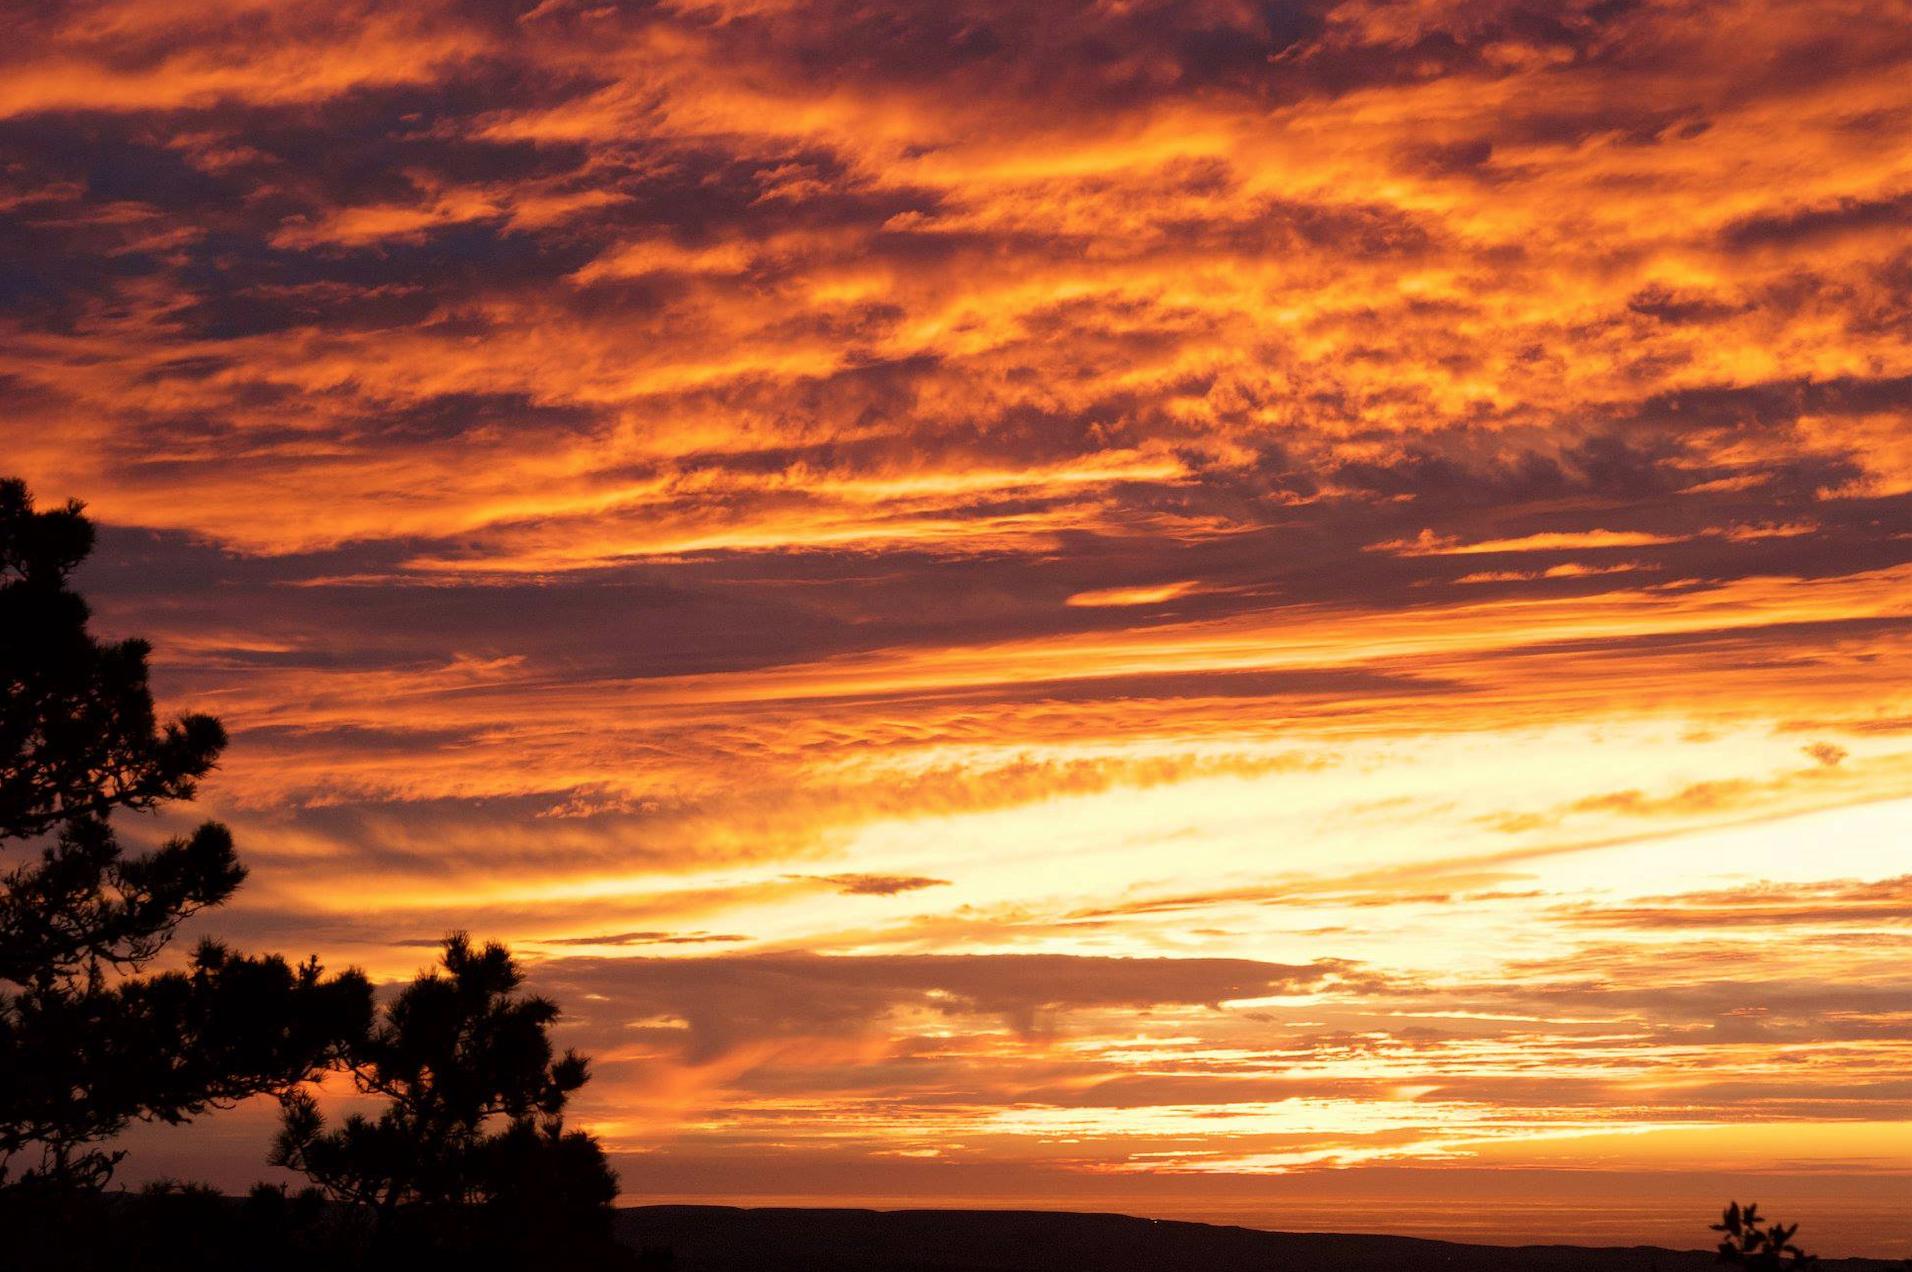 sunset in pt reyes.jpg